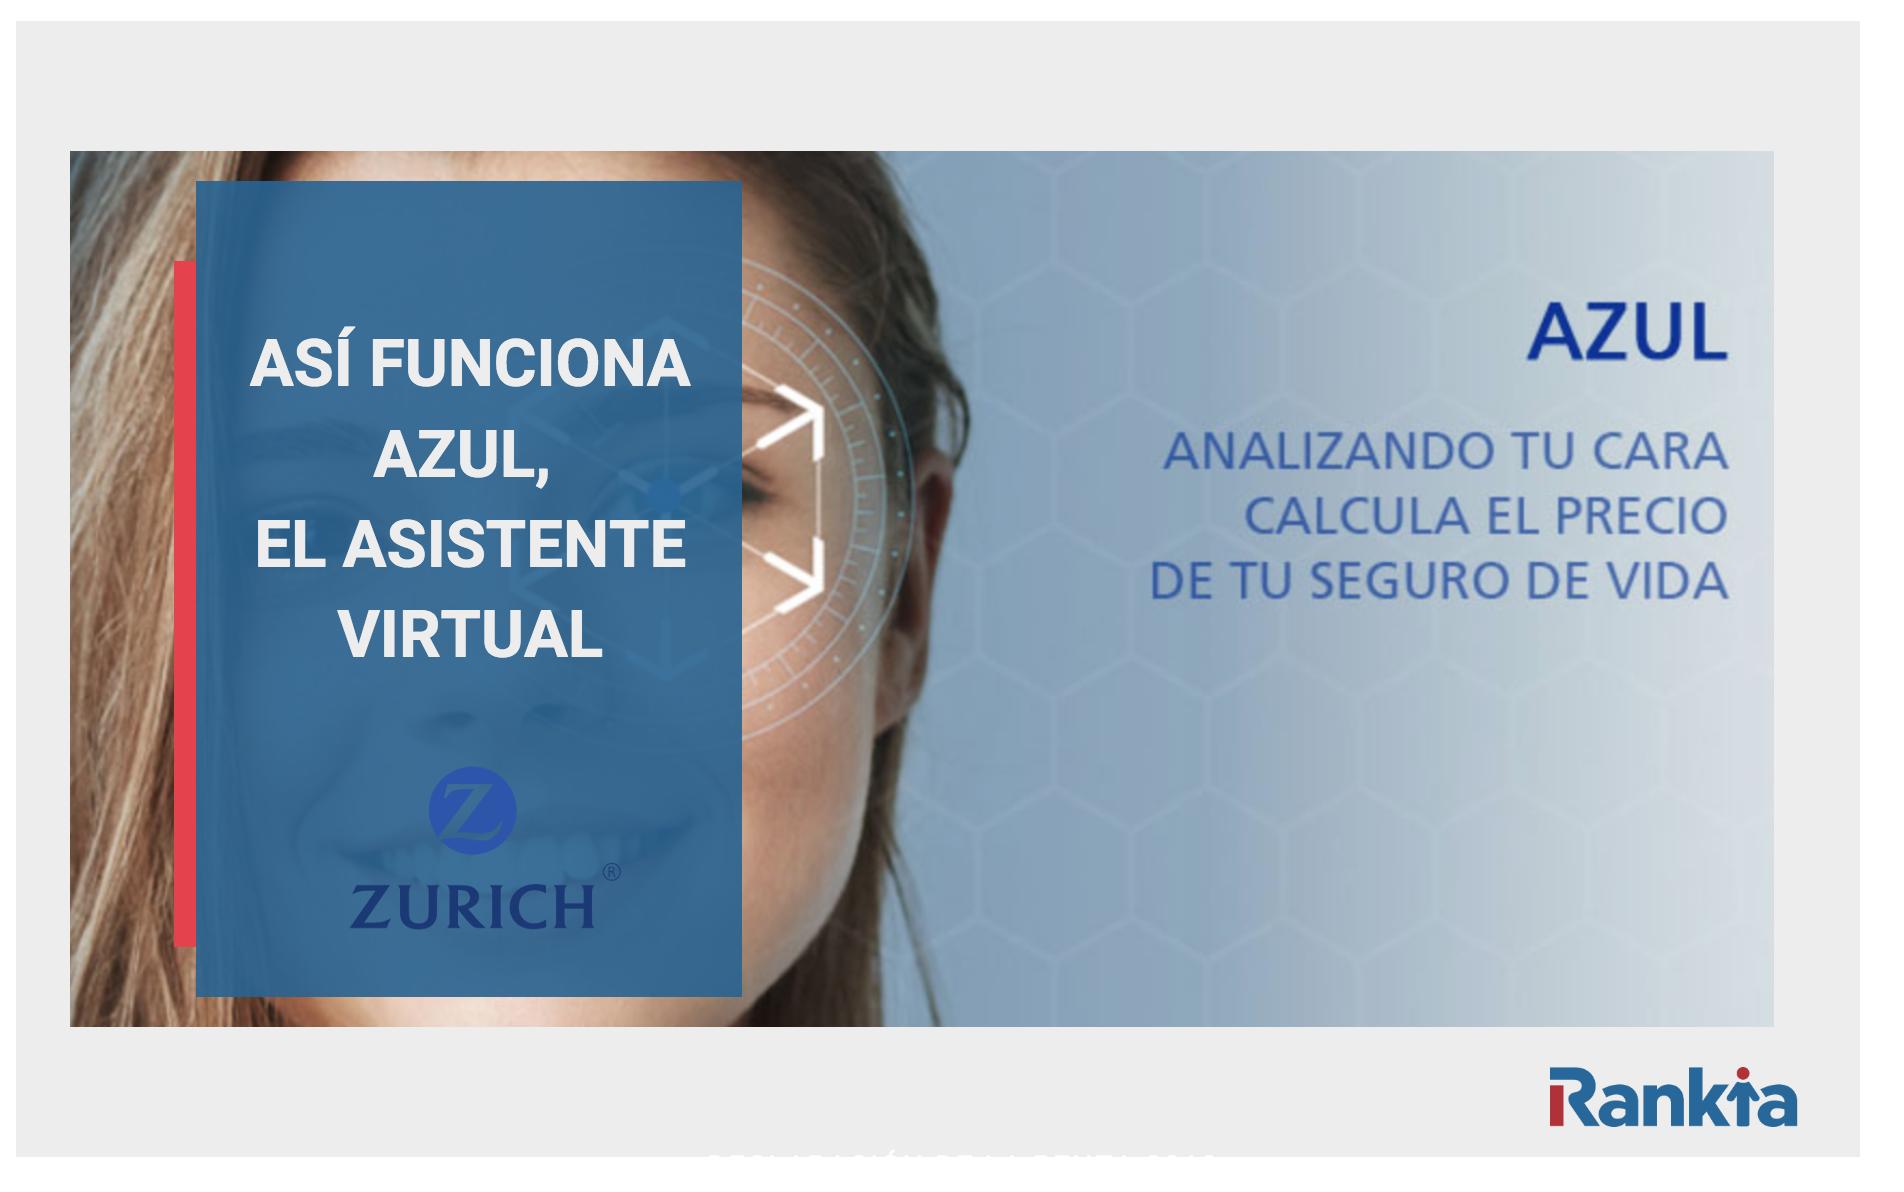 Así funciona Azul de Zurich Seguros